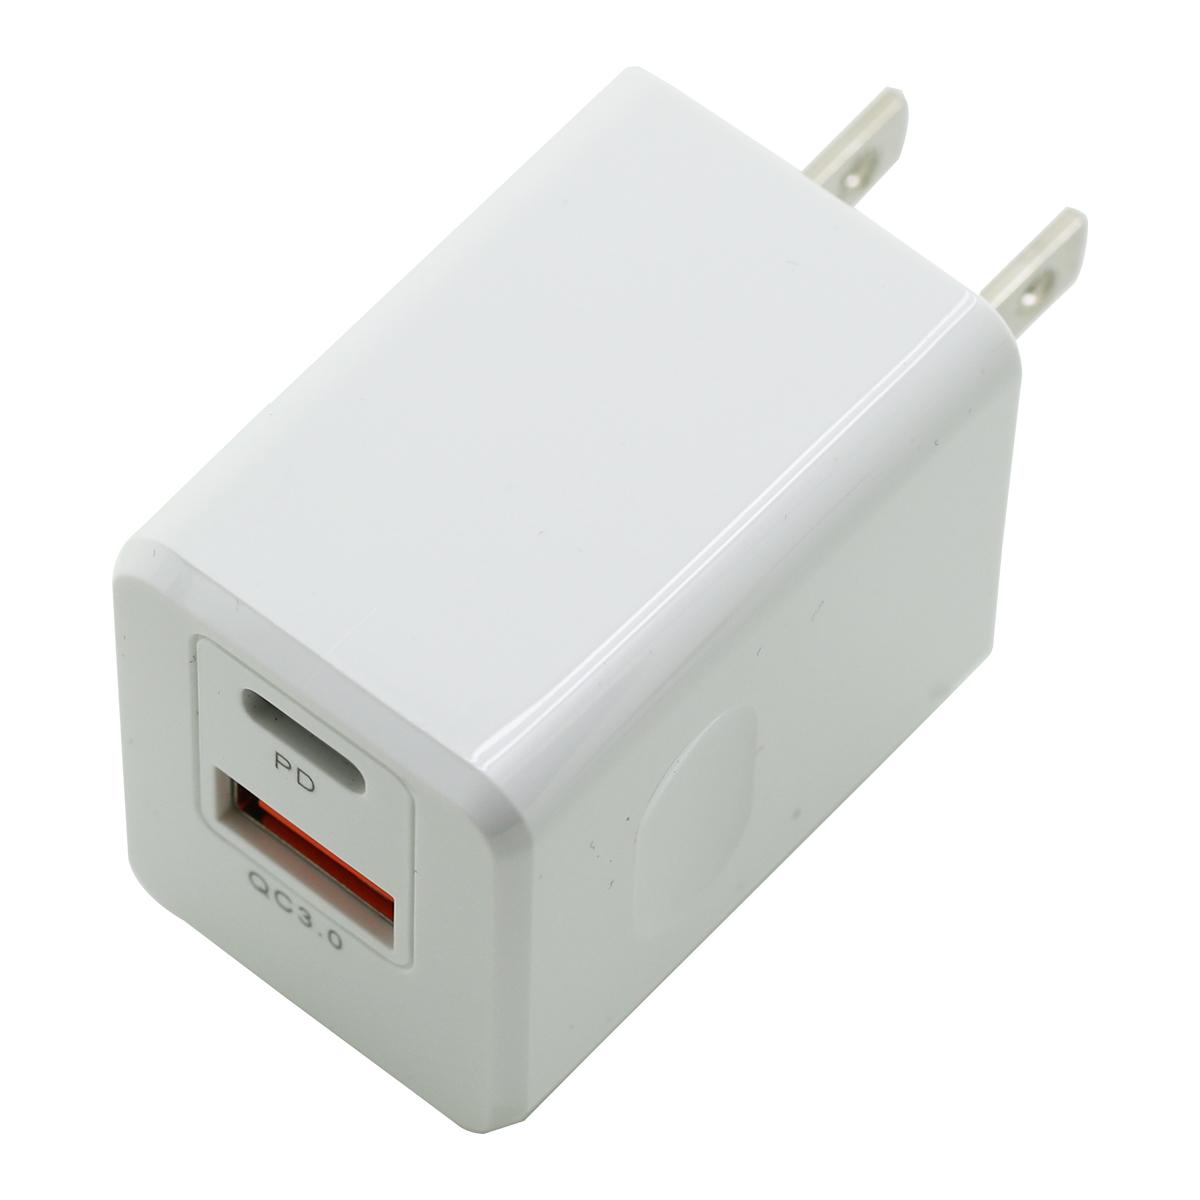 PD&QC対応Type-C/1USBポートAC充電器20W S